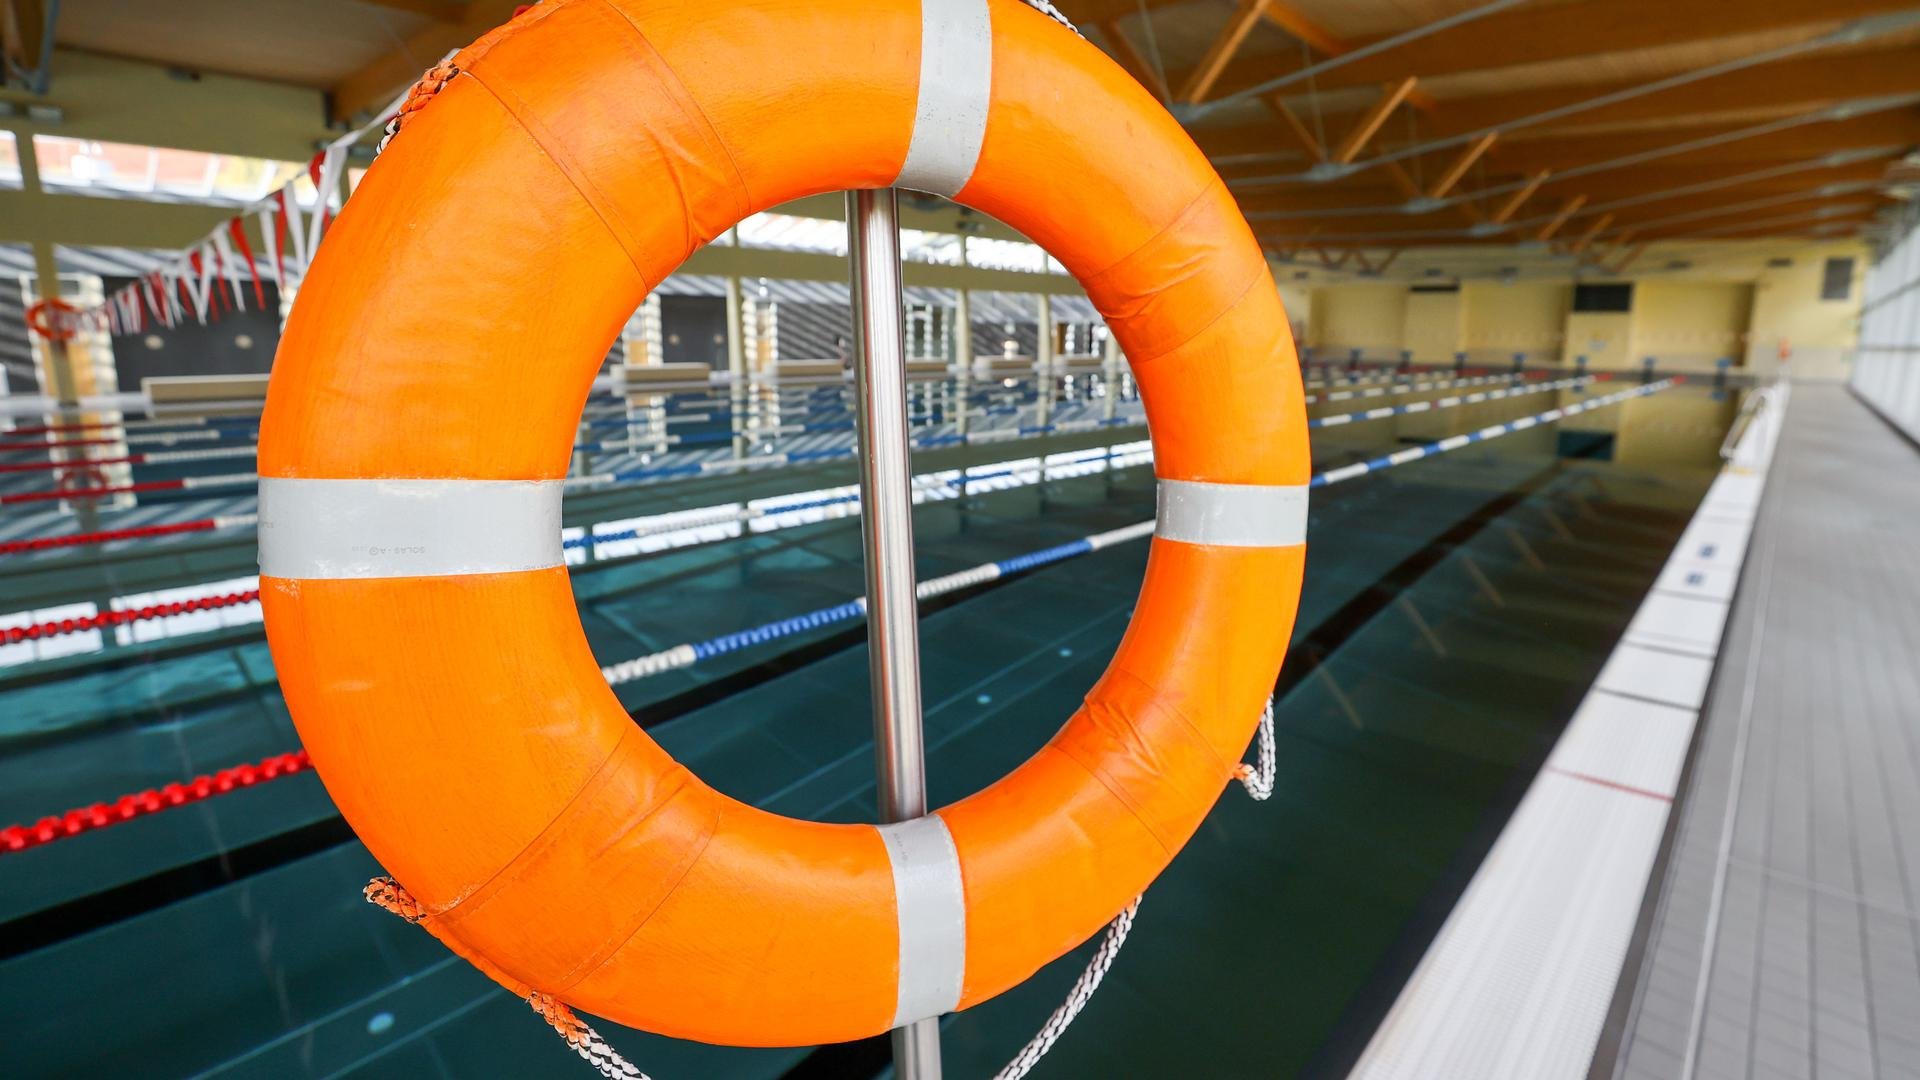 """Ein Rettungsring hängt in der Schwimmhalle """"Sportbad an der Elster"""". Die Halle bleibt aufgrund des Teil-Lockdowns geschlossen."""